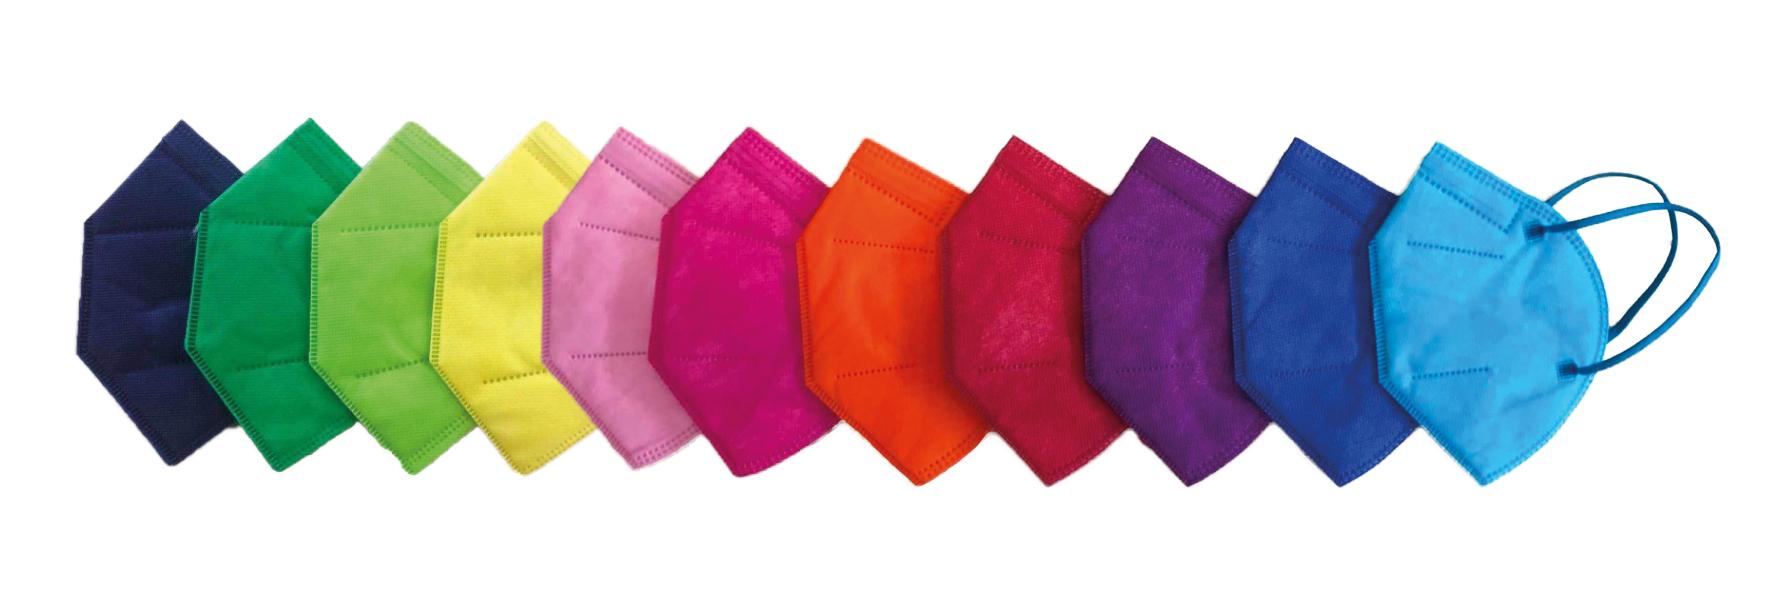 Atemschutzmaske KN95/FFP2 farbig